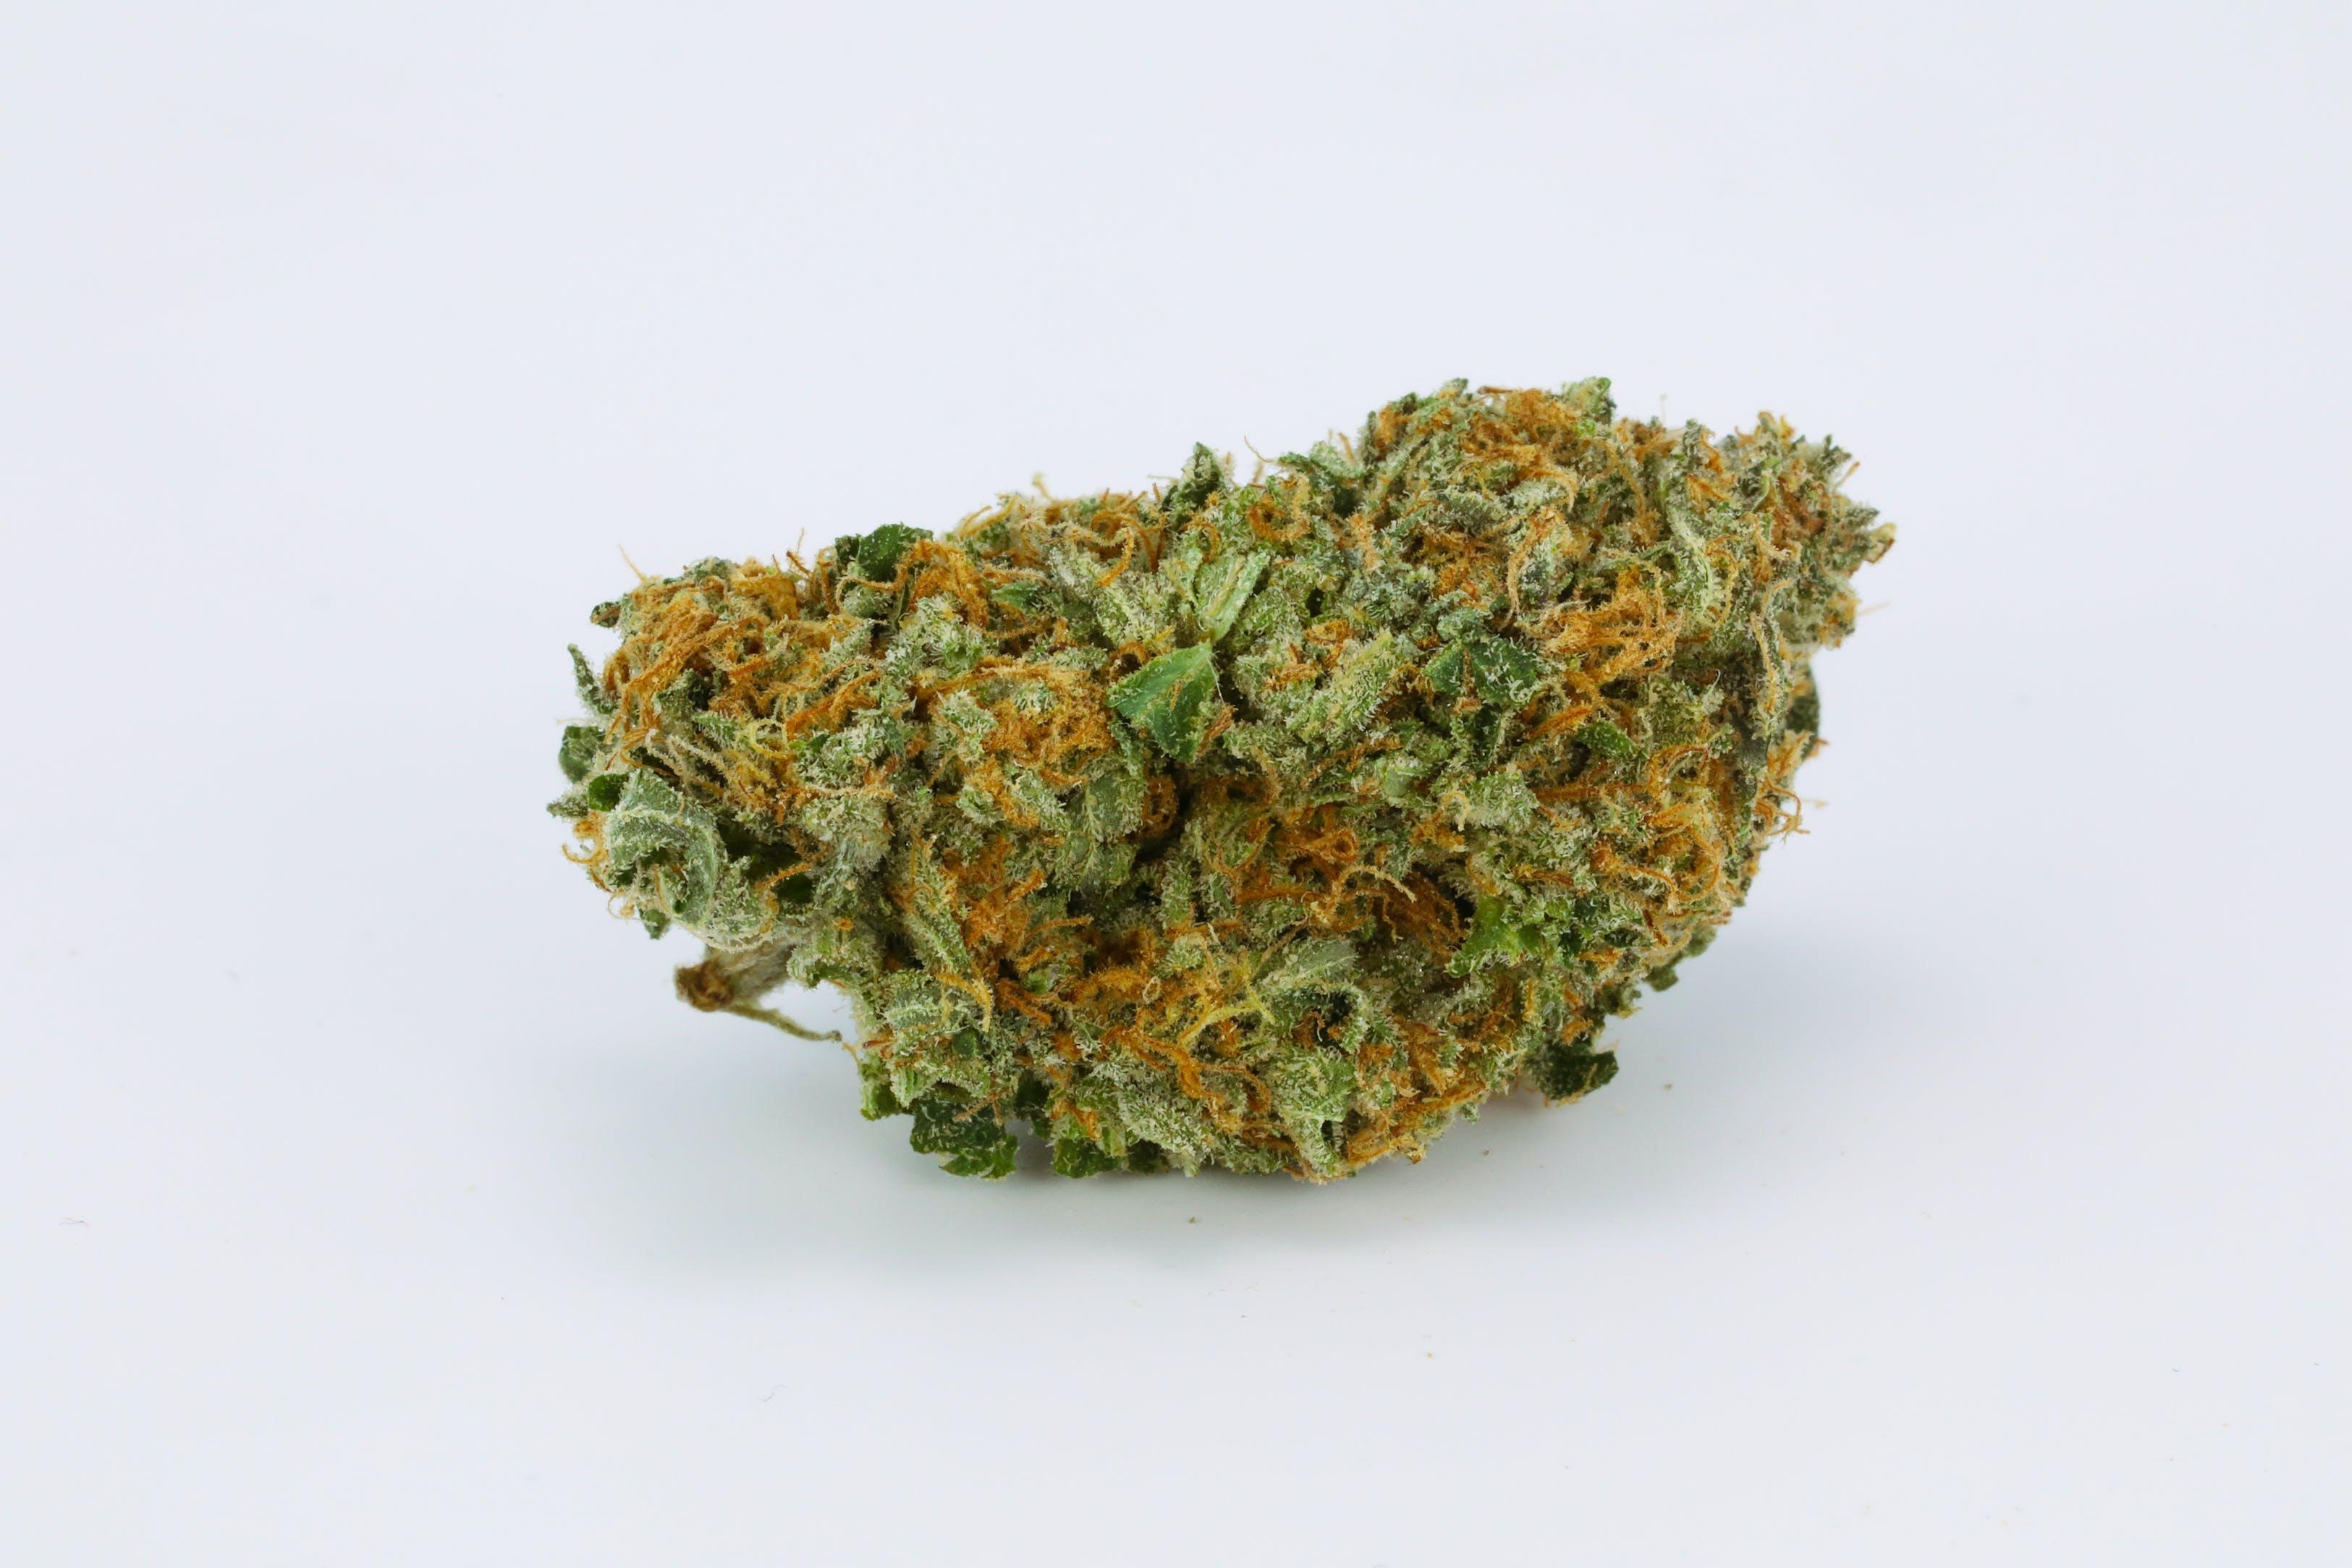 Burkle Weed; Burkle Cannabis Strain; Burkle Indica Marijuana Strain